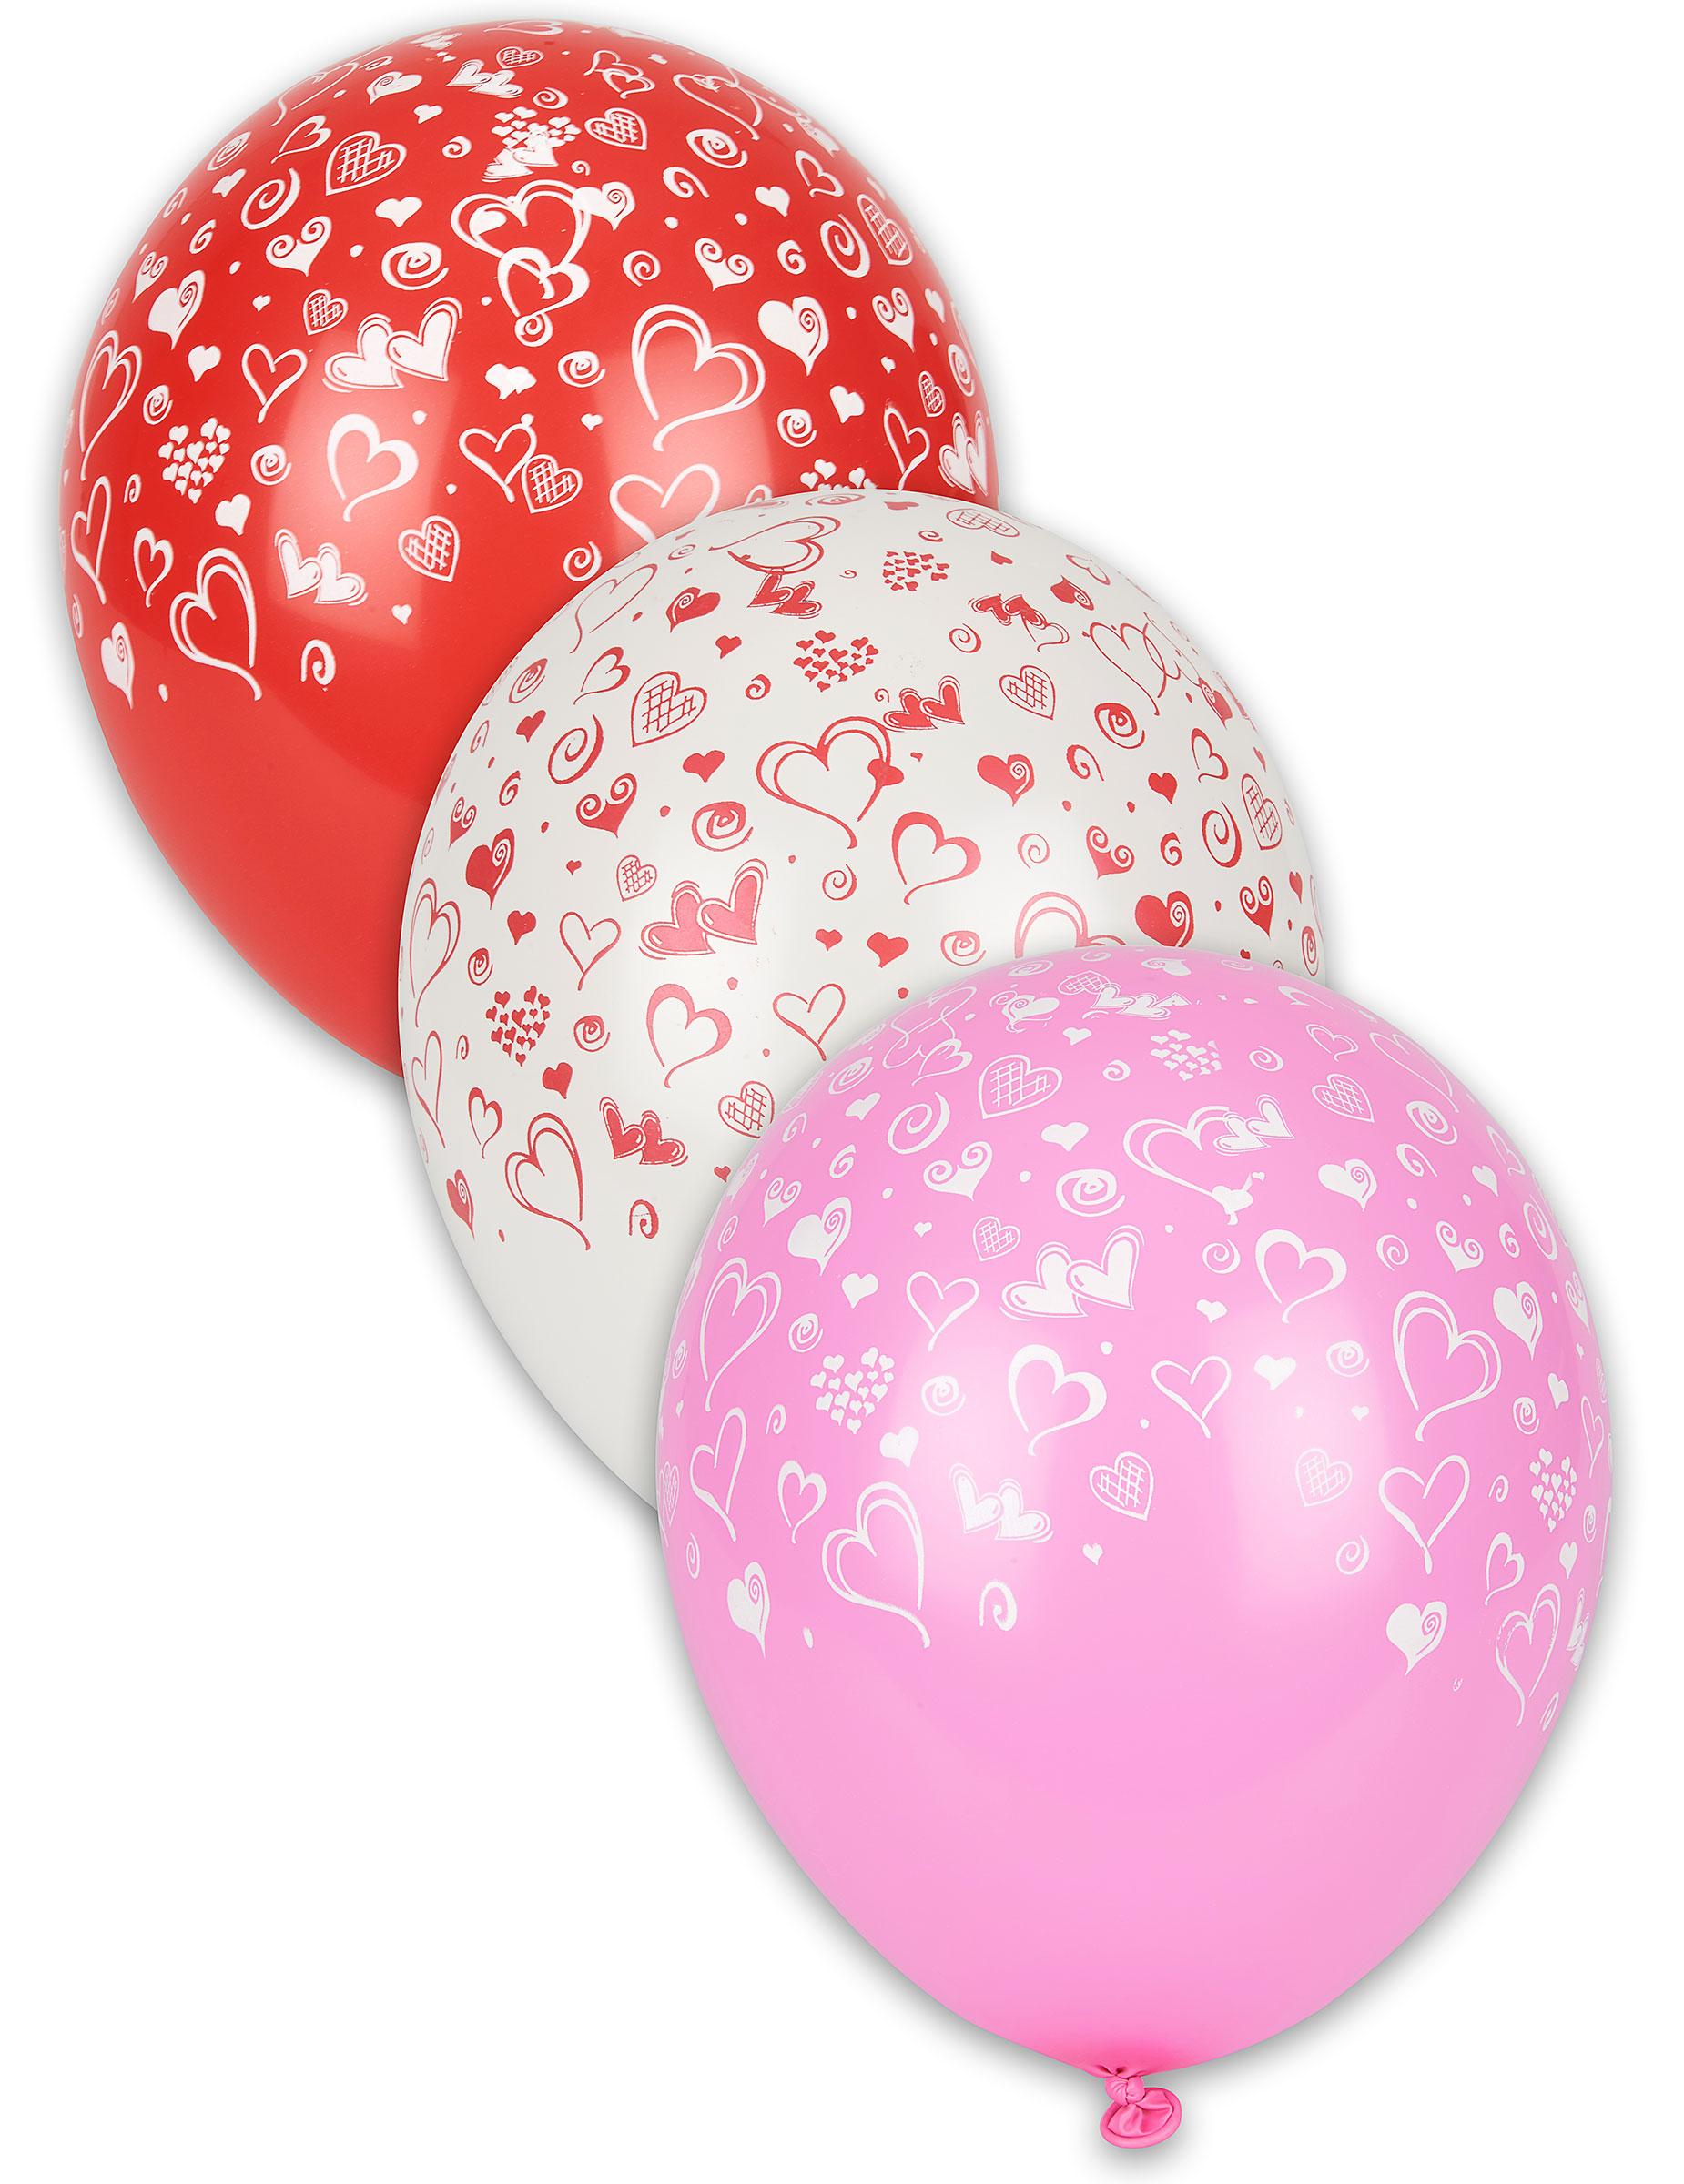 Hochzeit Party Dekoration Luftballons Mit Herzmotiv 8